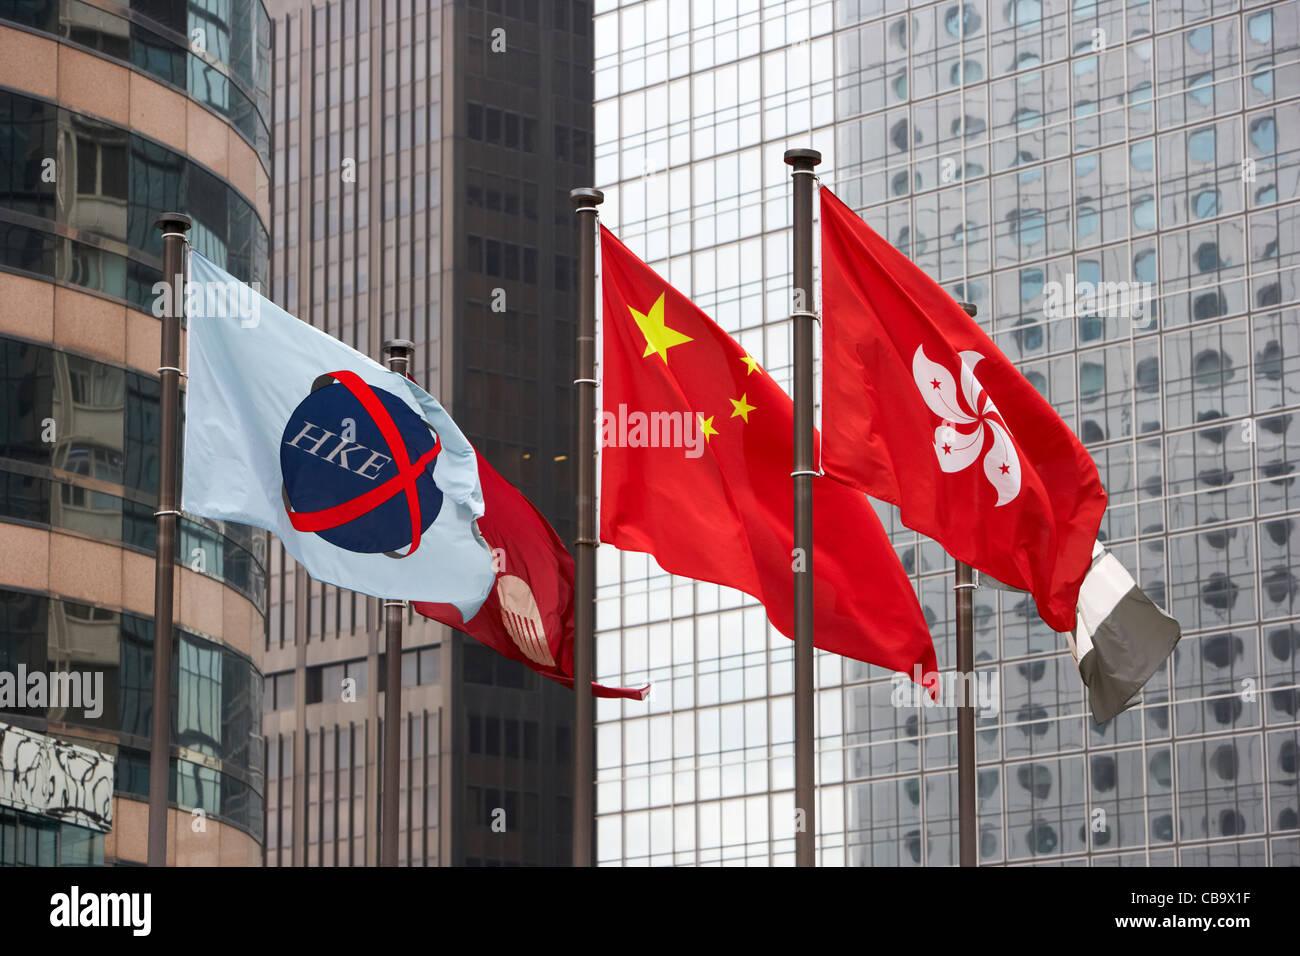 hong kong stock exchange chinese and hong kong flags flying exchange square hong kong hksar china - Stock Image